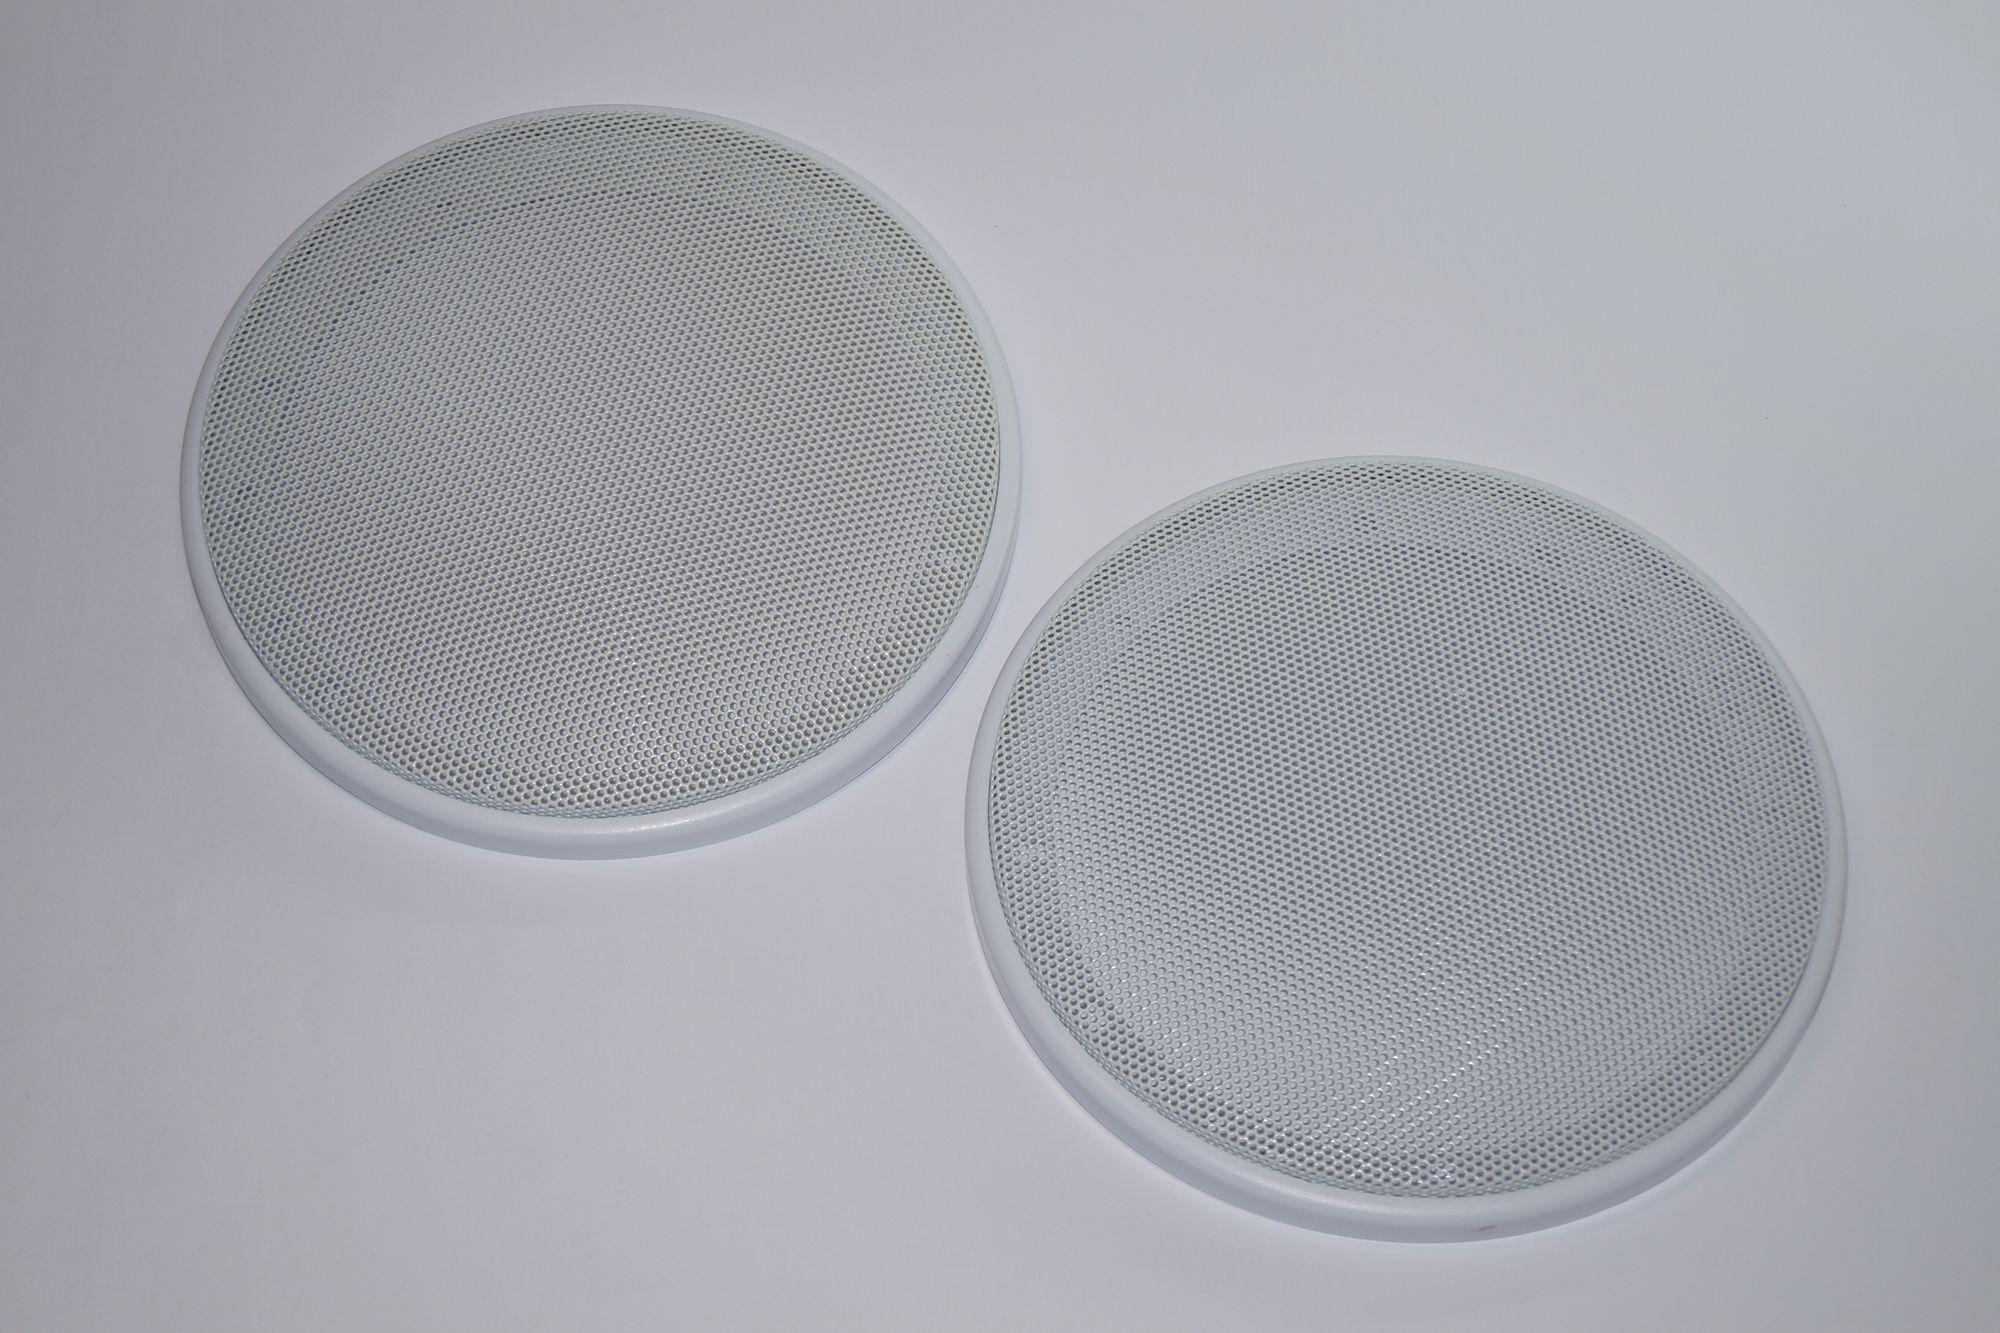 1 Paar DIN-130 Lautsprecher-Universalabdeckung Abdeckung Grill weiß – Bild 2